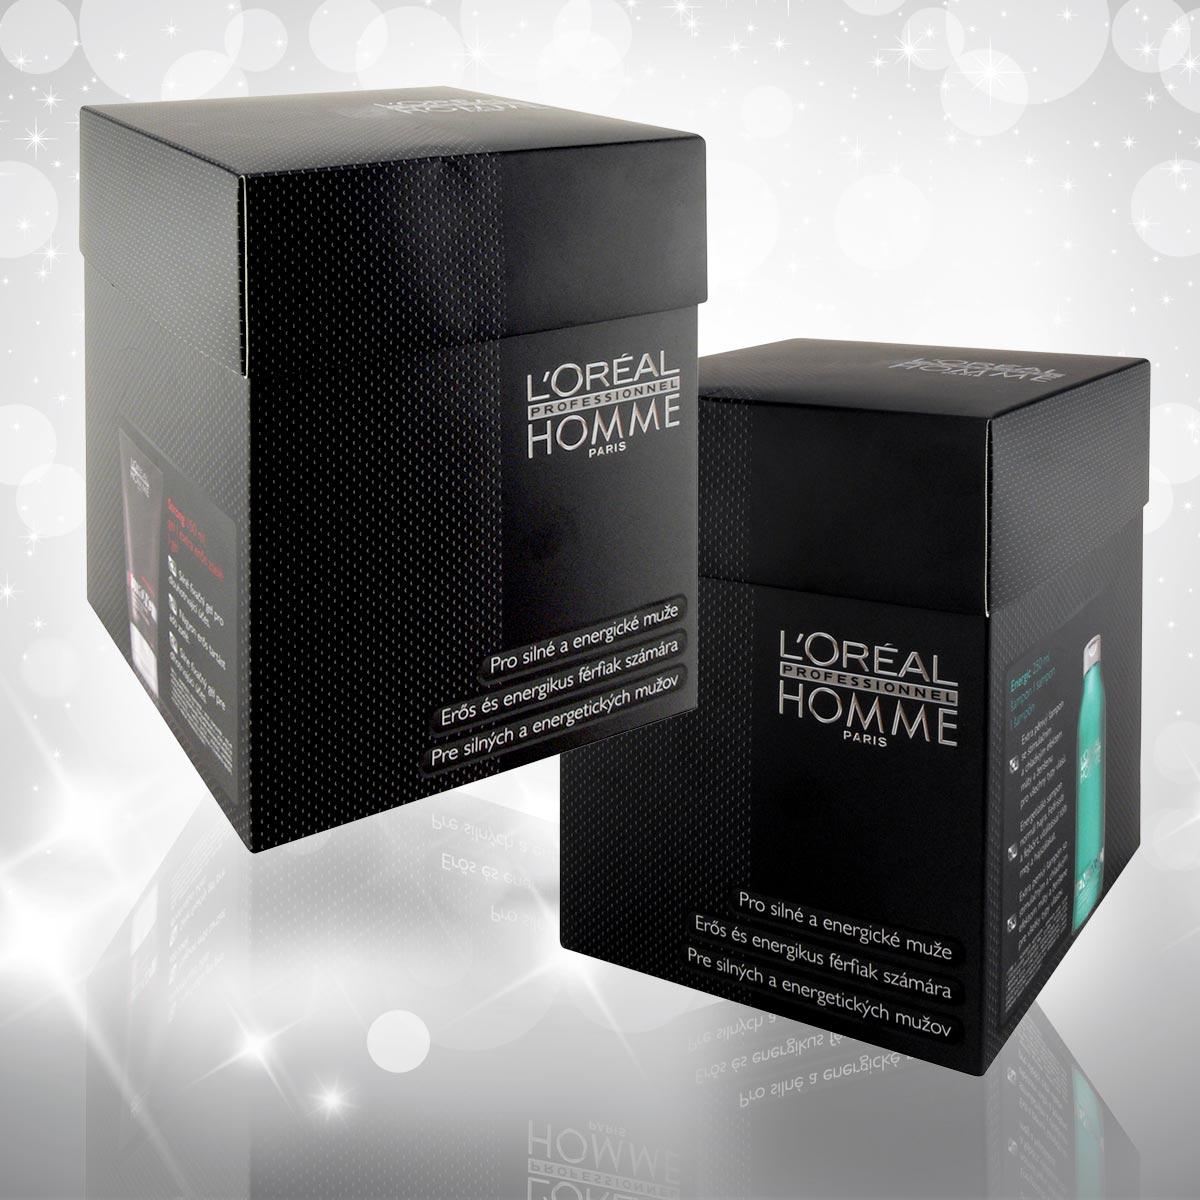 Vánoční dárky L'Oréal Professionnel 2014 pro muže – speciální dárkový balíček obsahuje energizující šampon a gel strong.